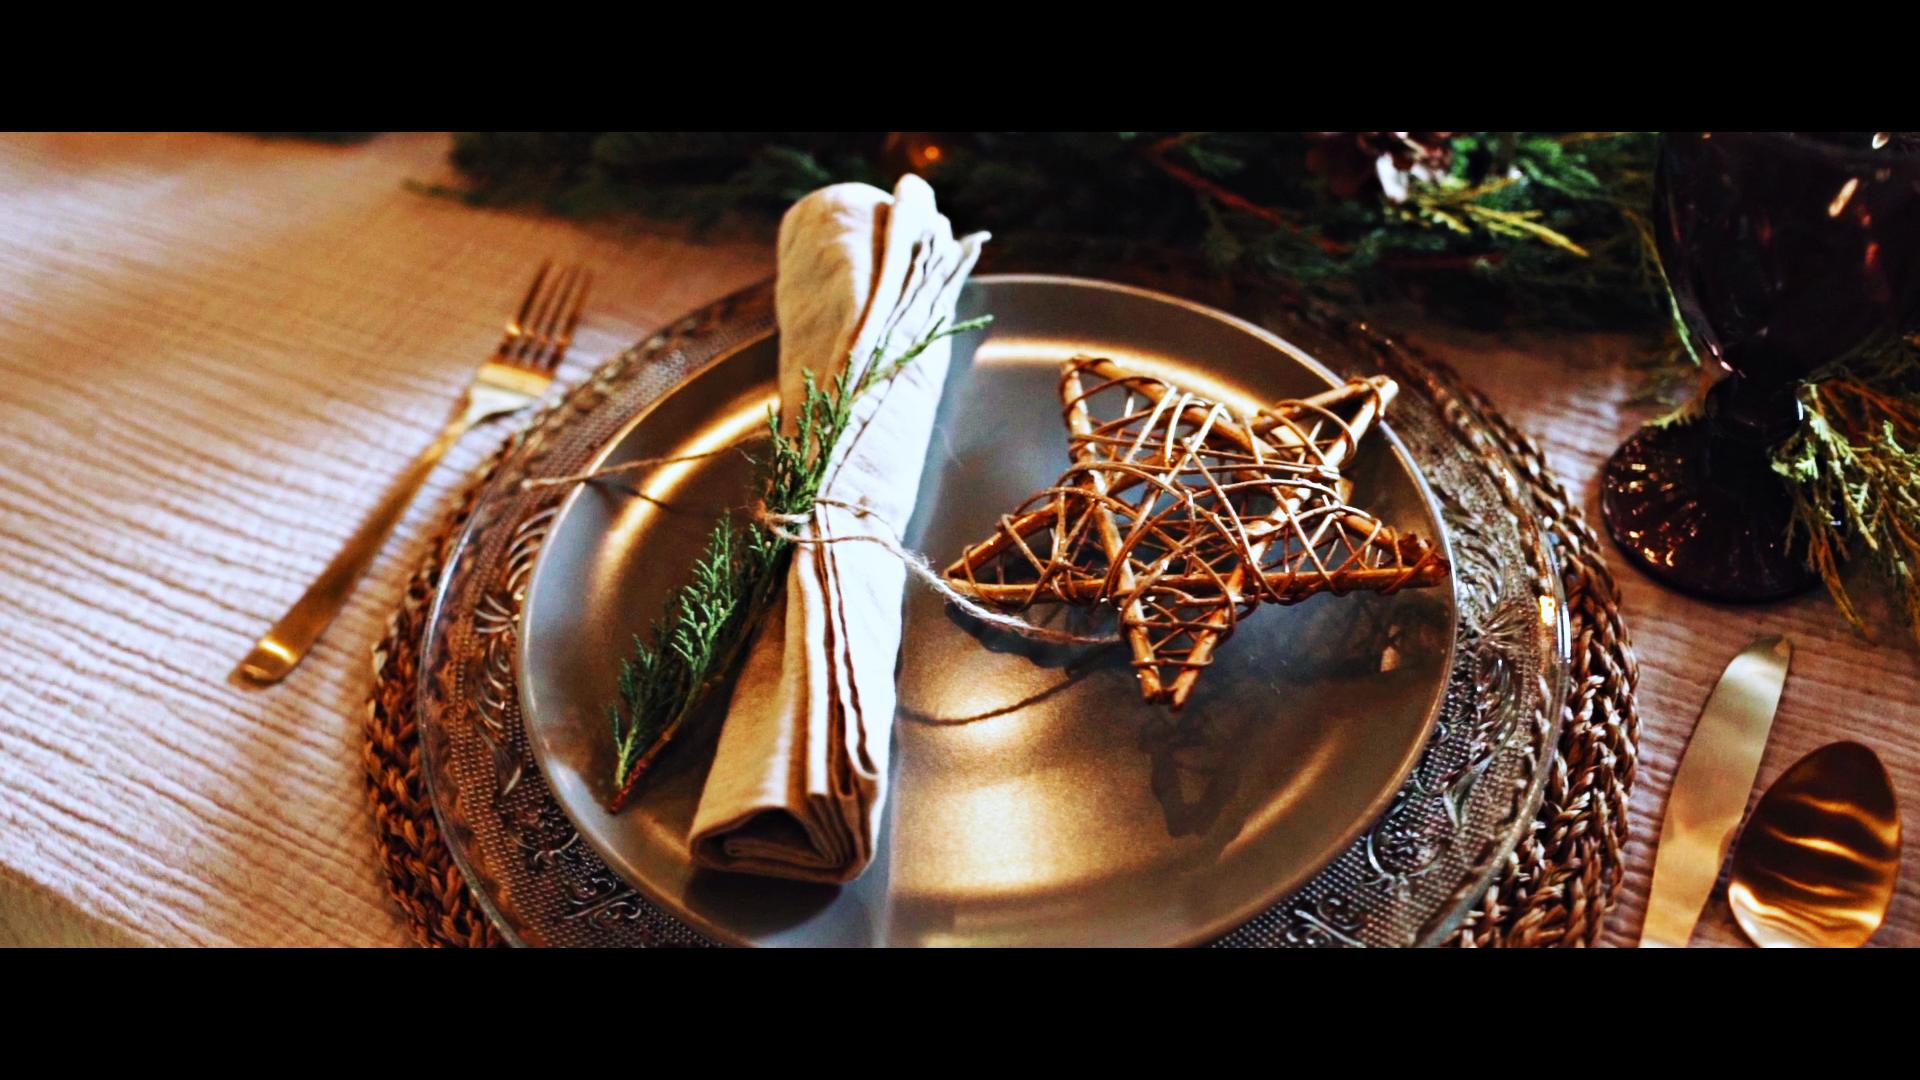 Christmas table B ROLL | Świąteczny stół